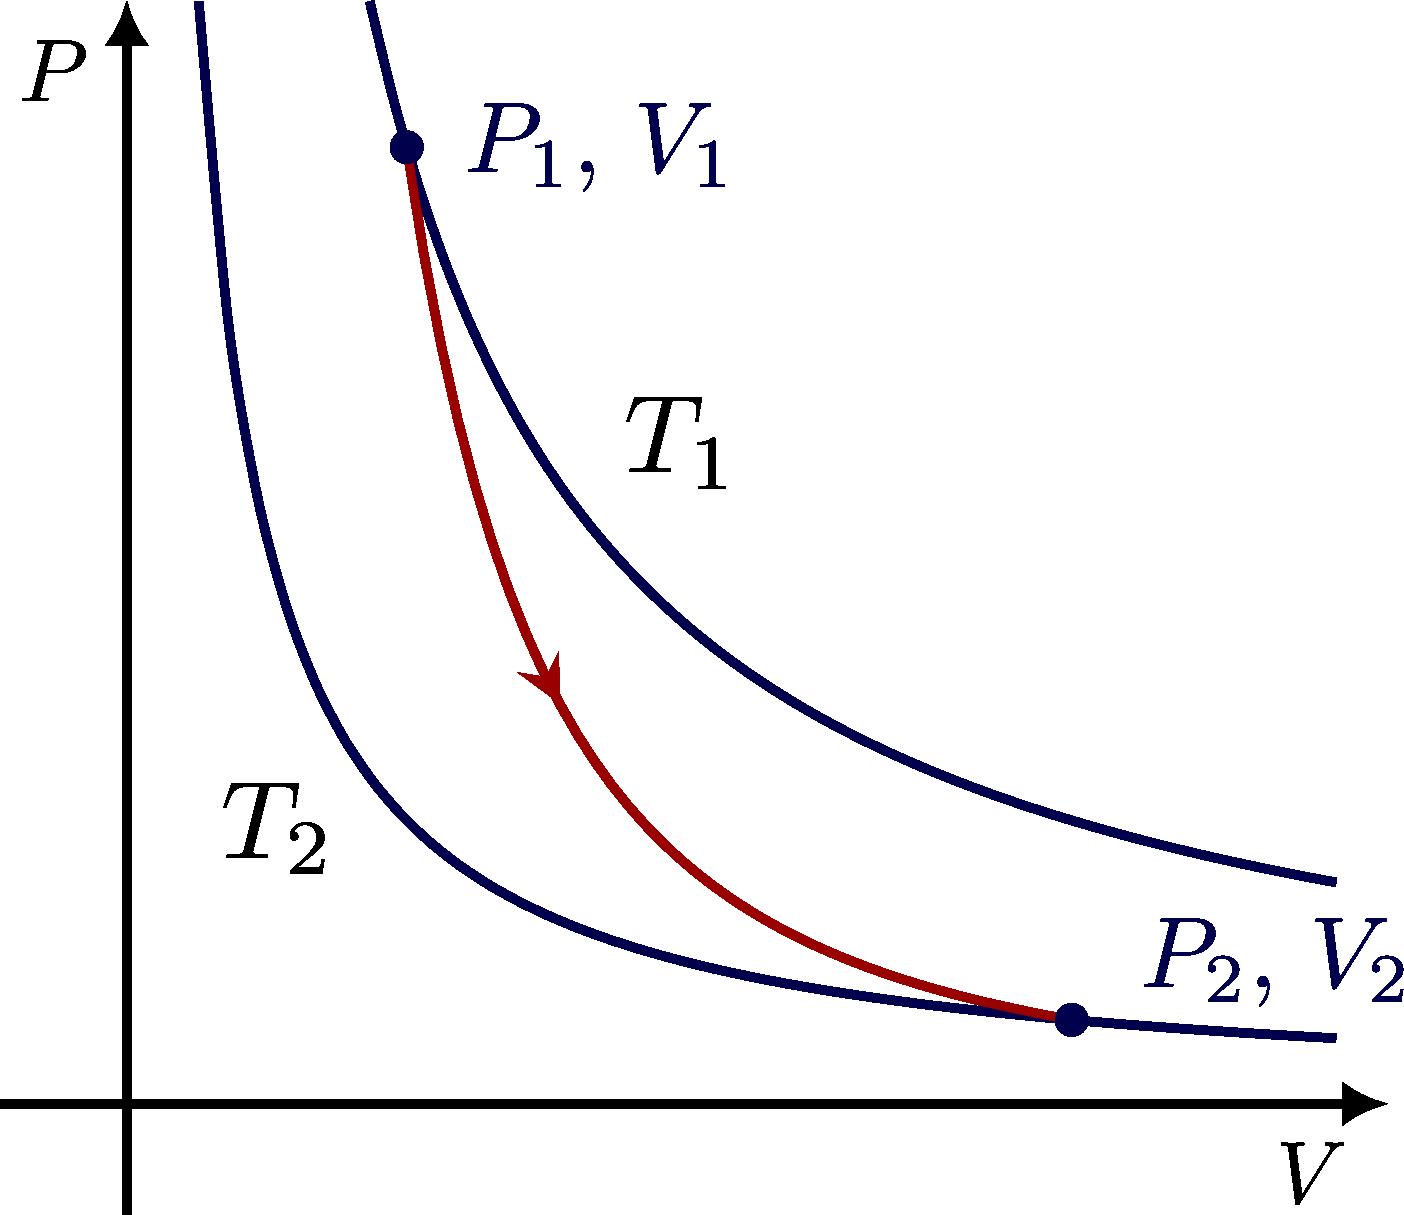 thermodynamics_pv_diagrams-005.png